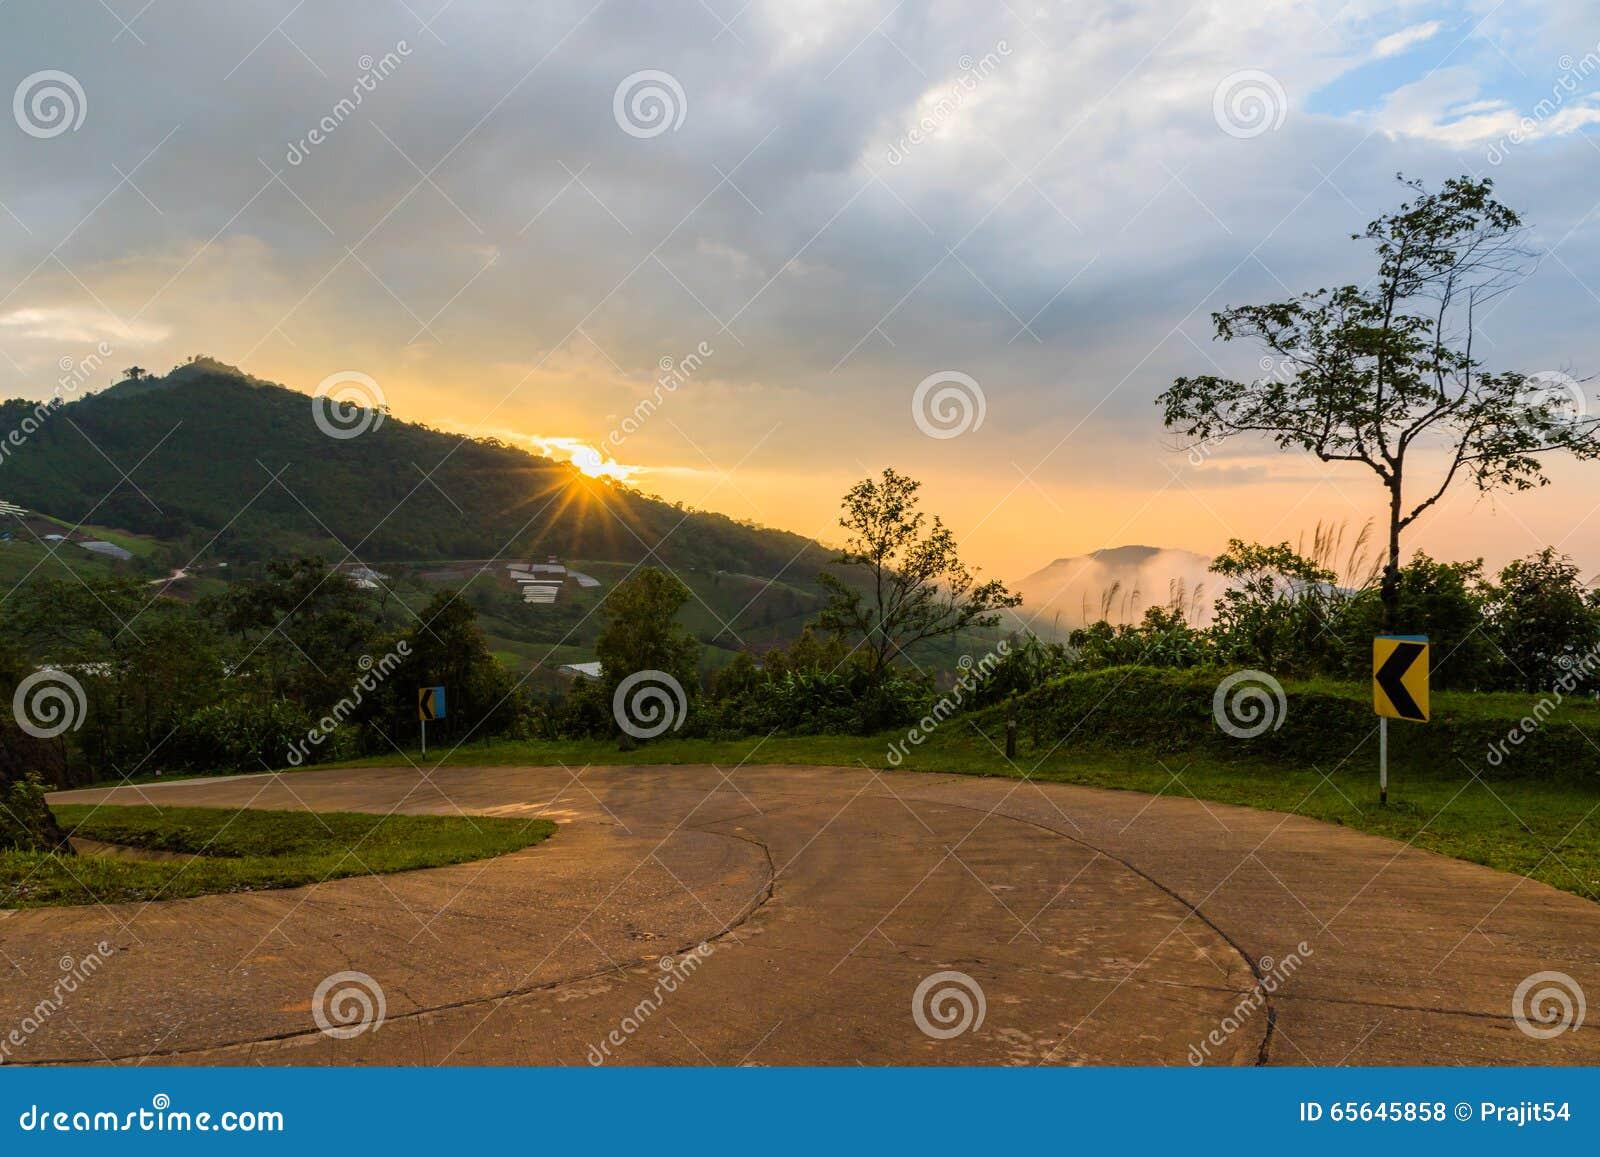 Route de campagne aux montagnes